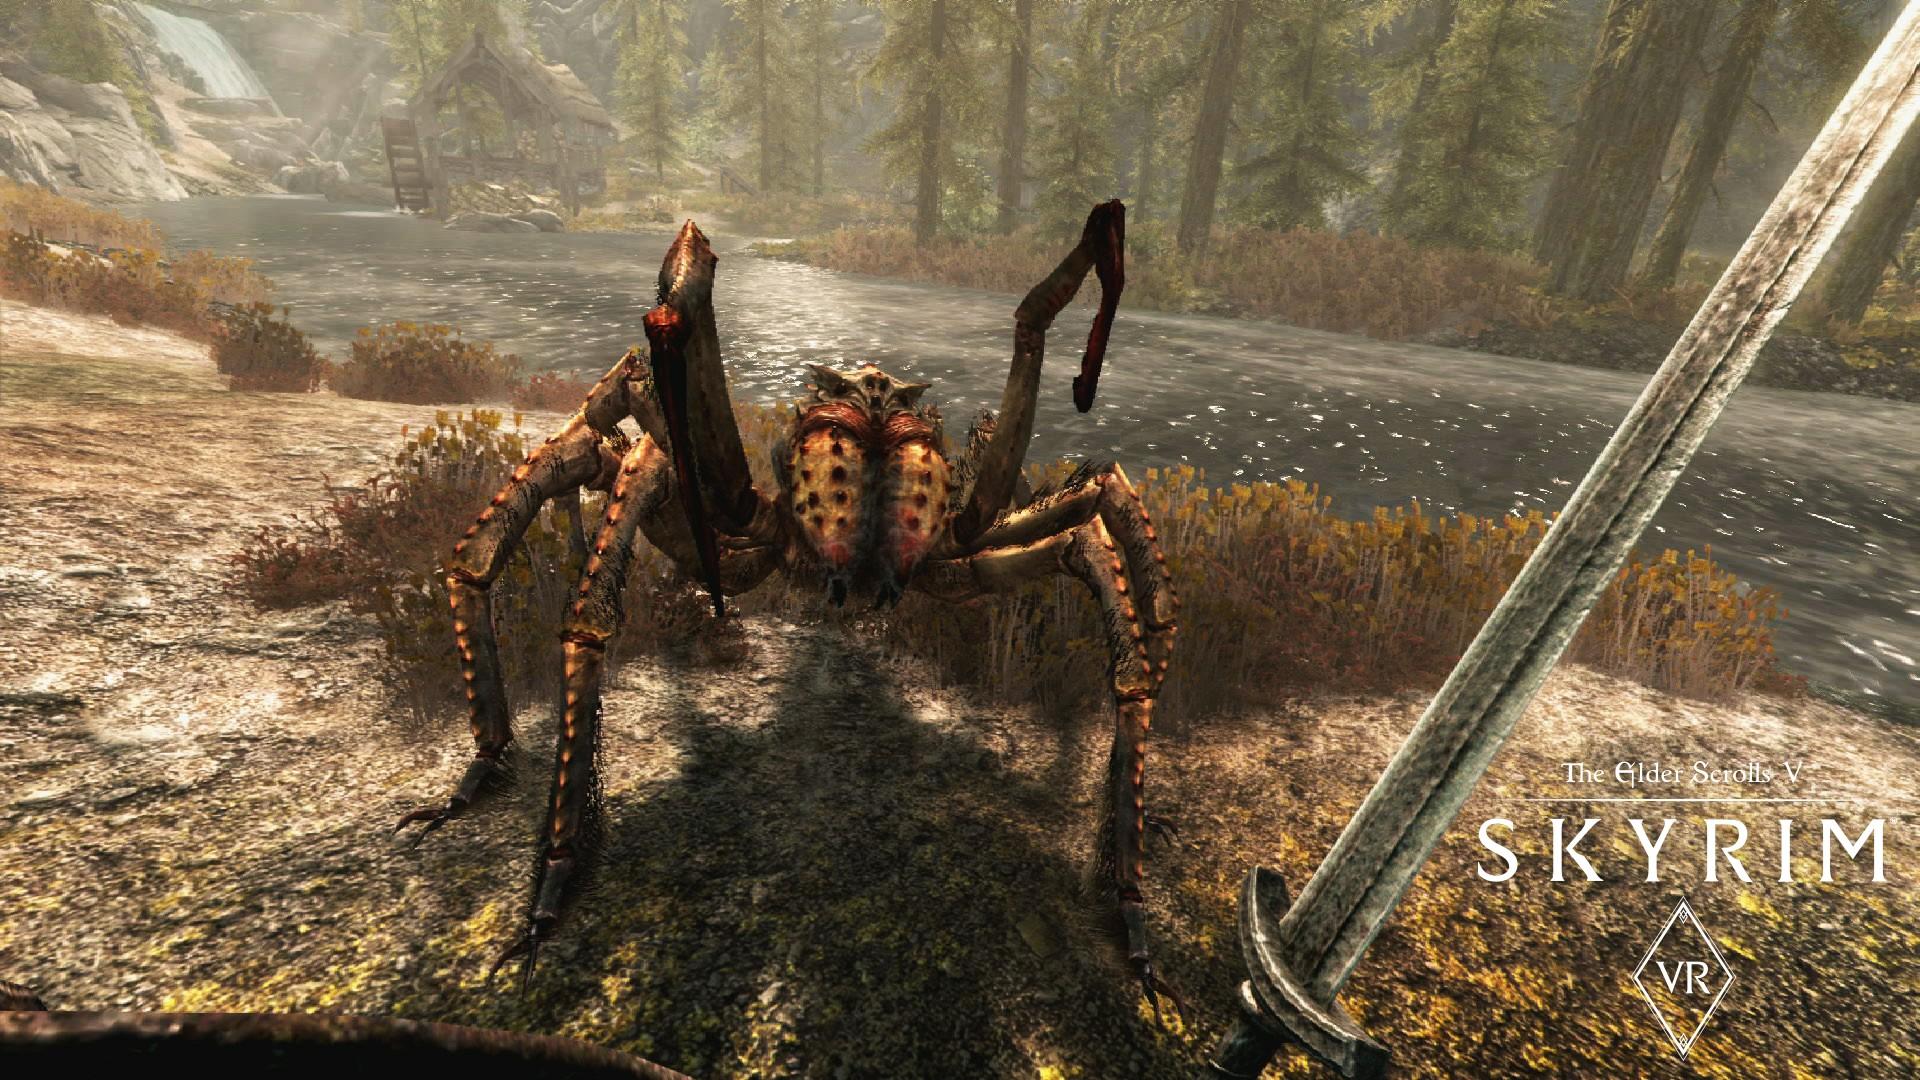 The Elder Scrolls V: Skyrim VR_body_2